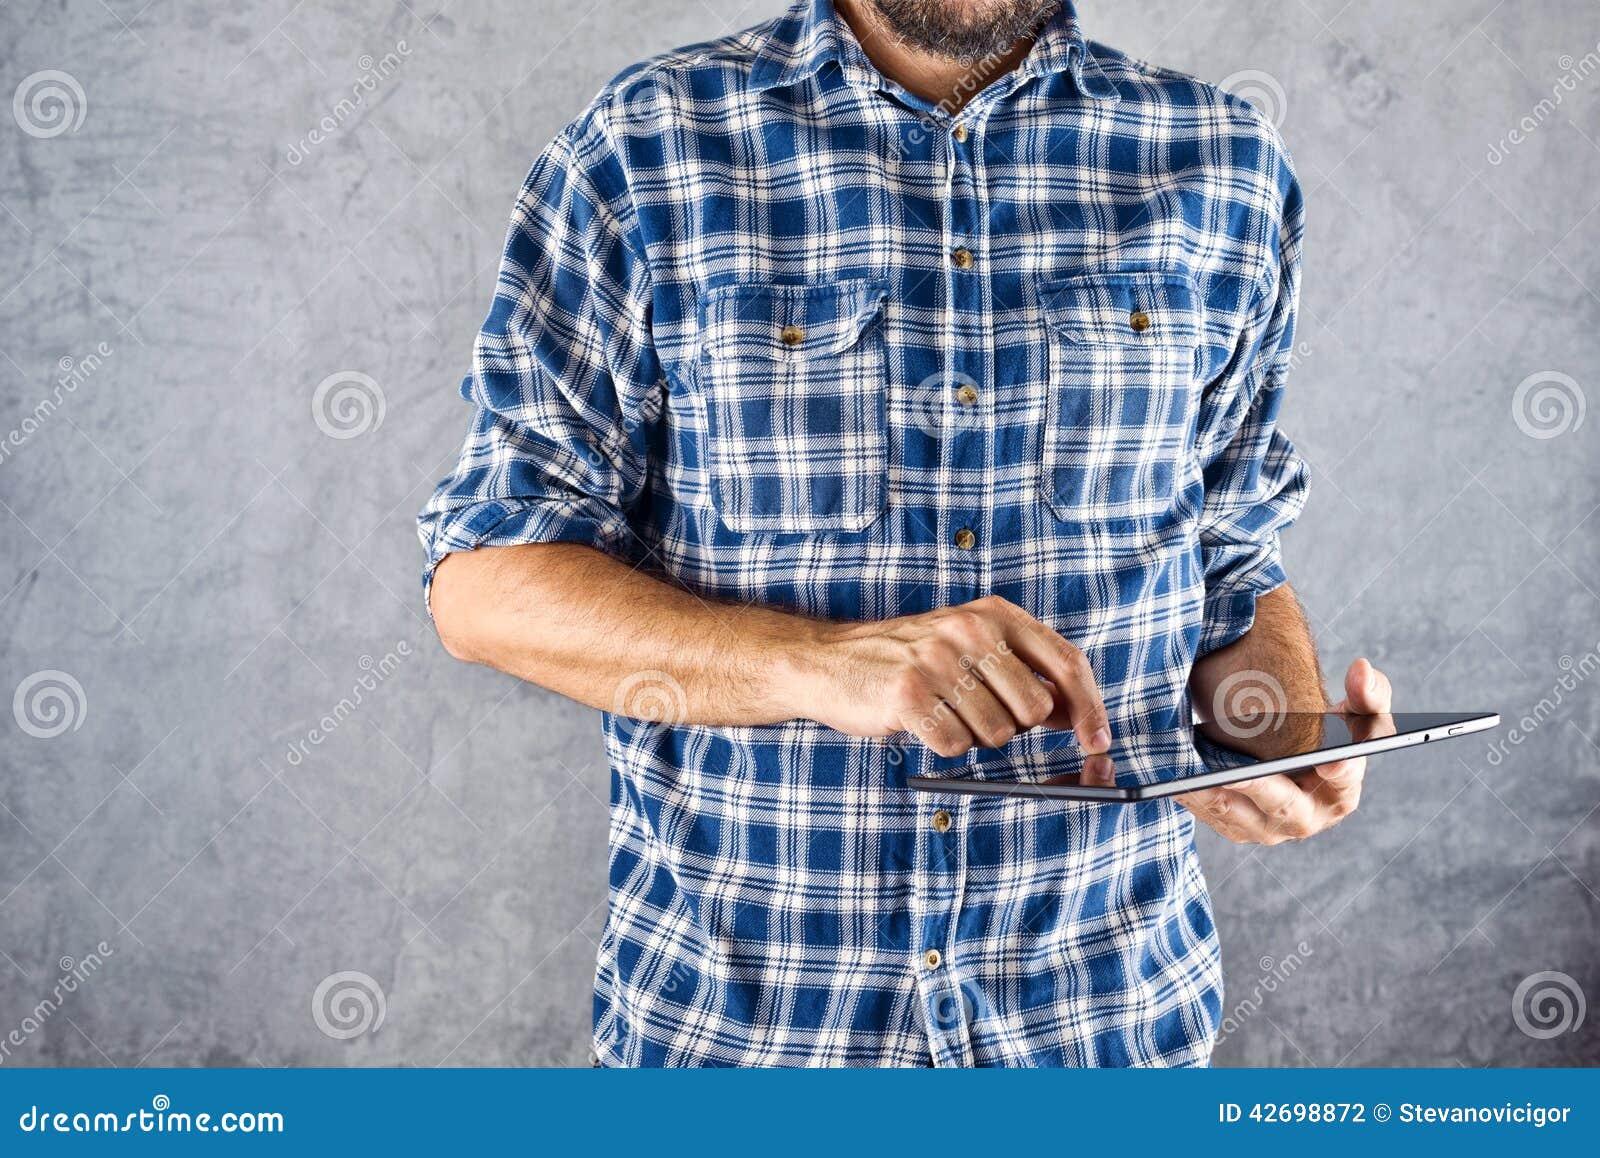 Человек с цифровым планшетом